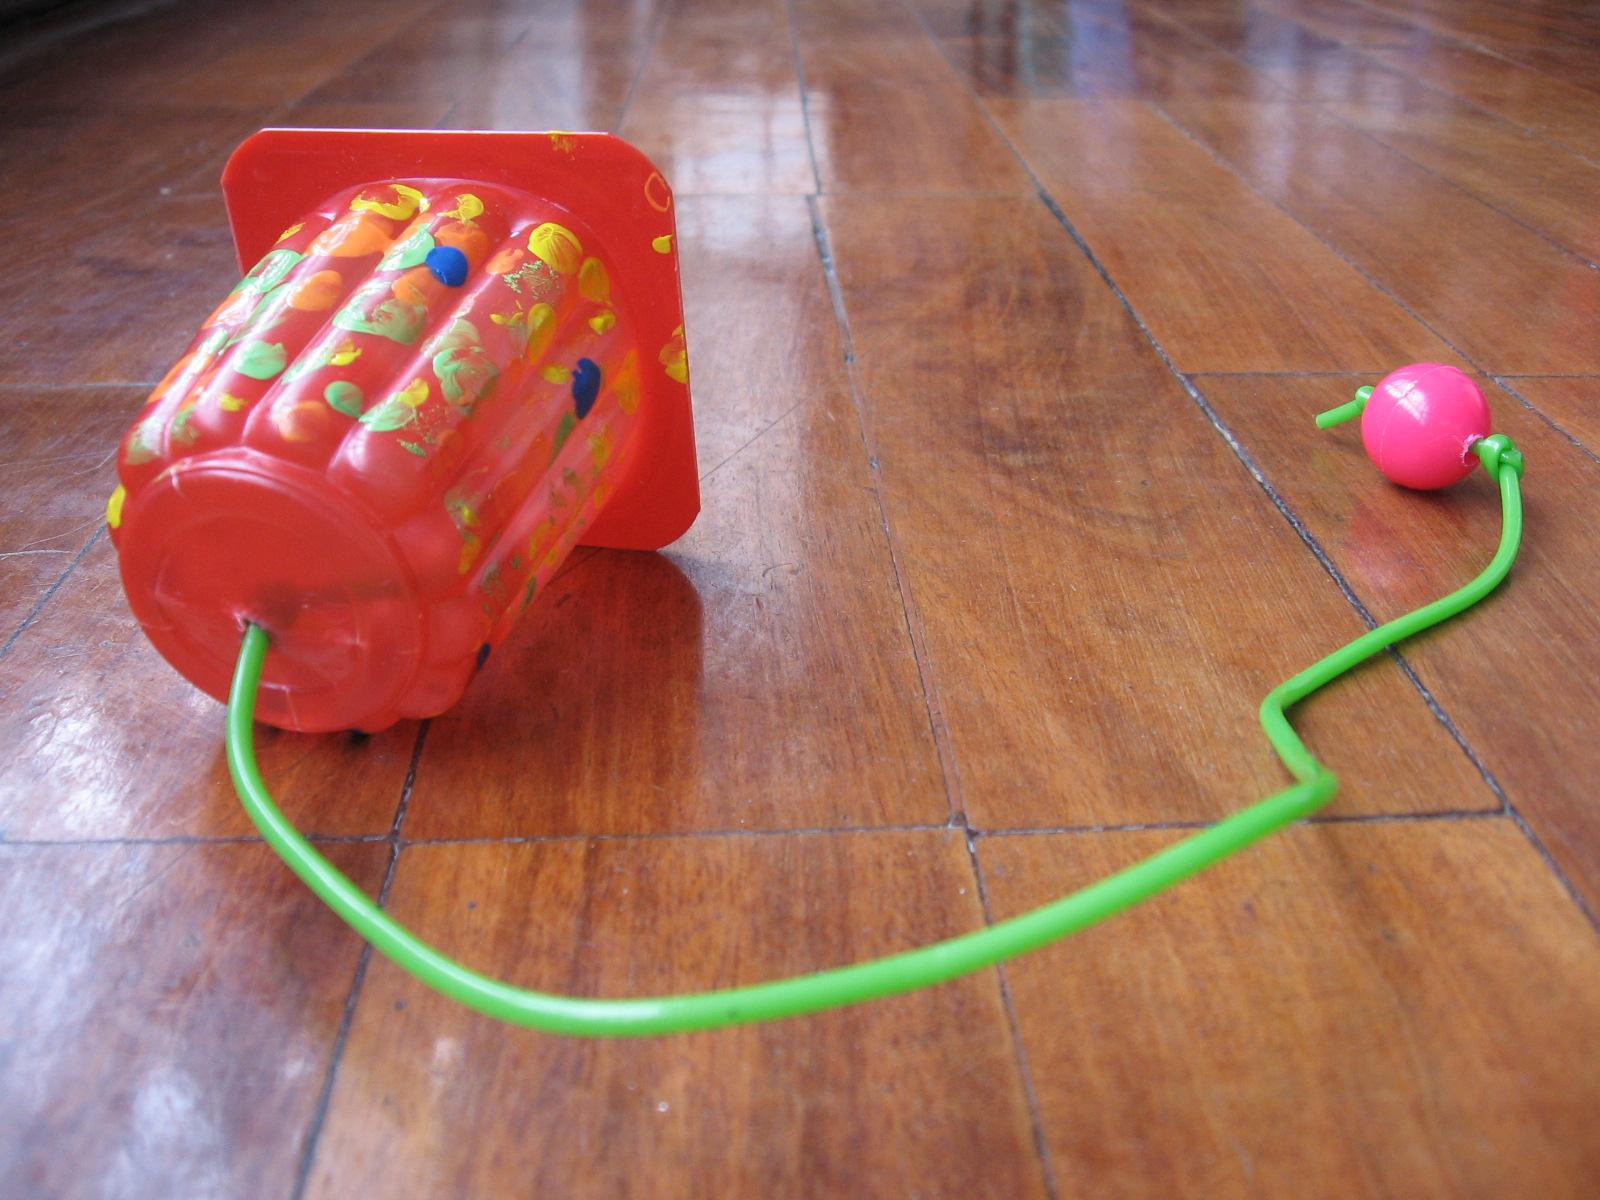 Pl stico papel o cart n creando 3 juguetes con material - Plastico inyectado casero ...